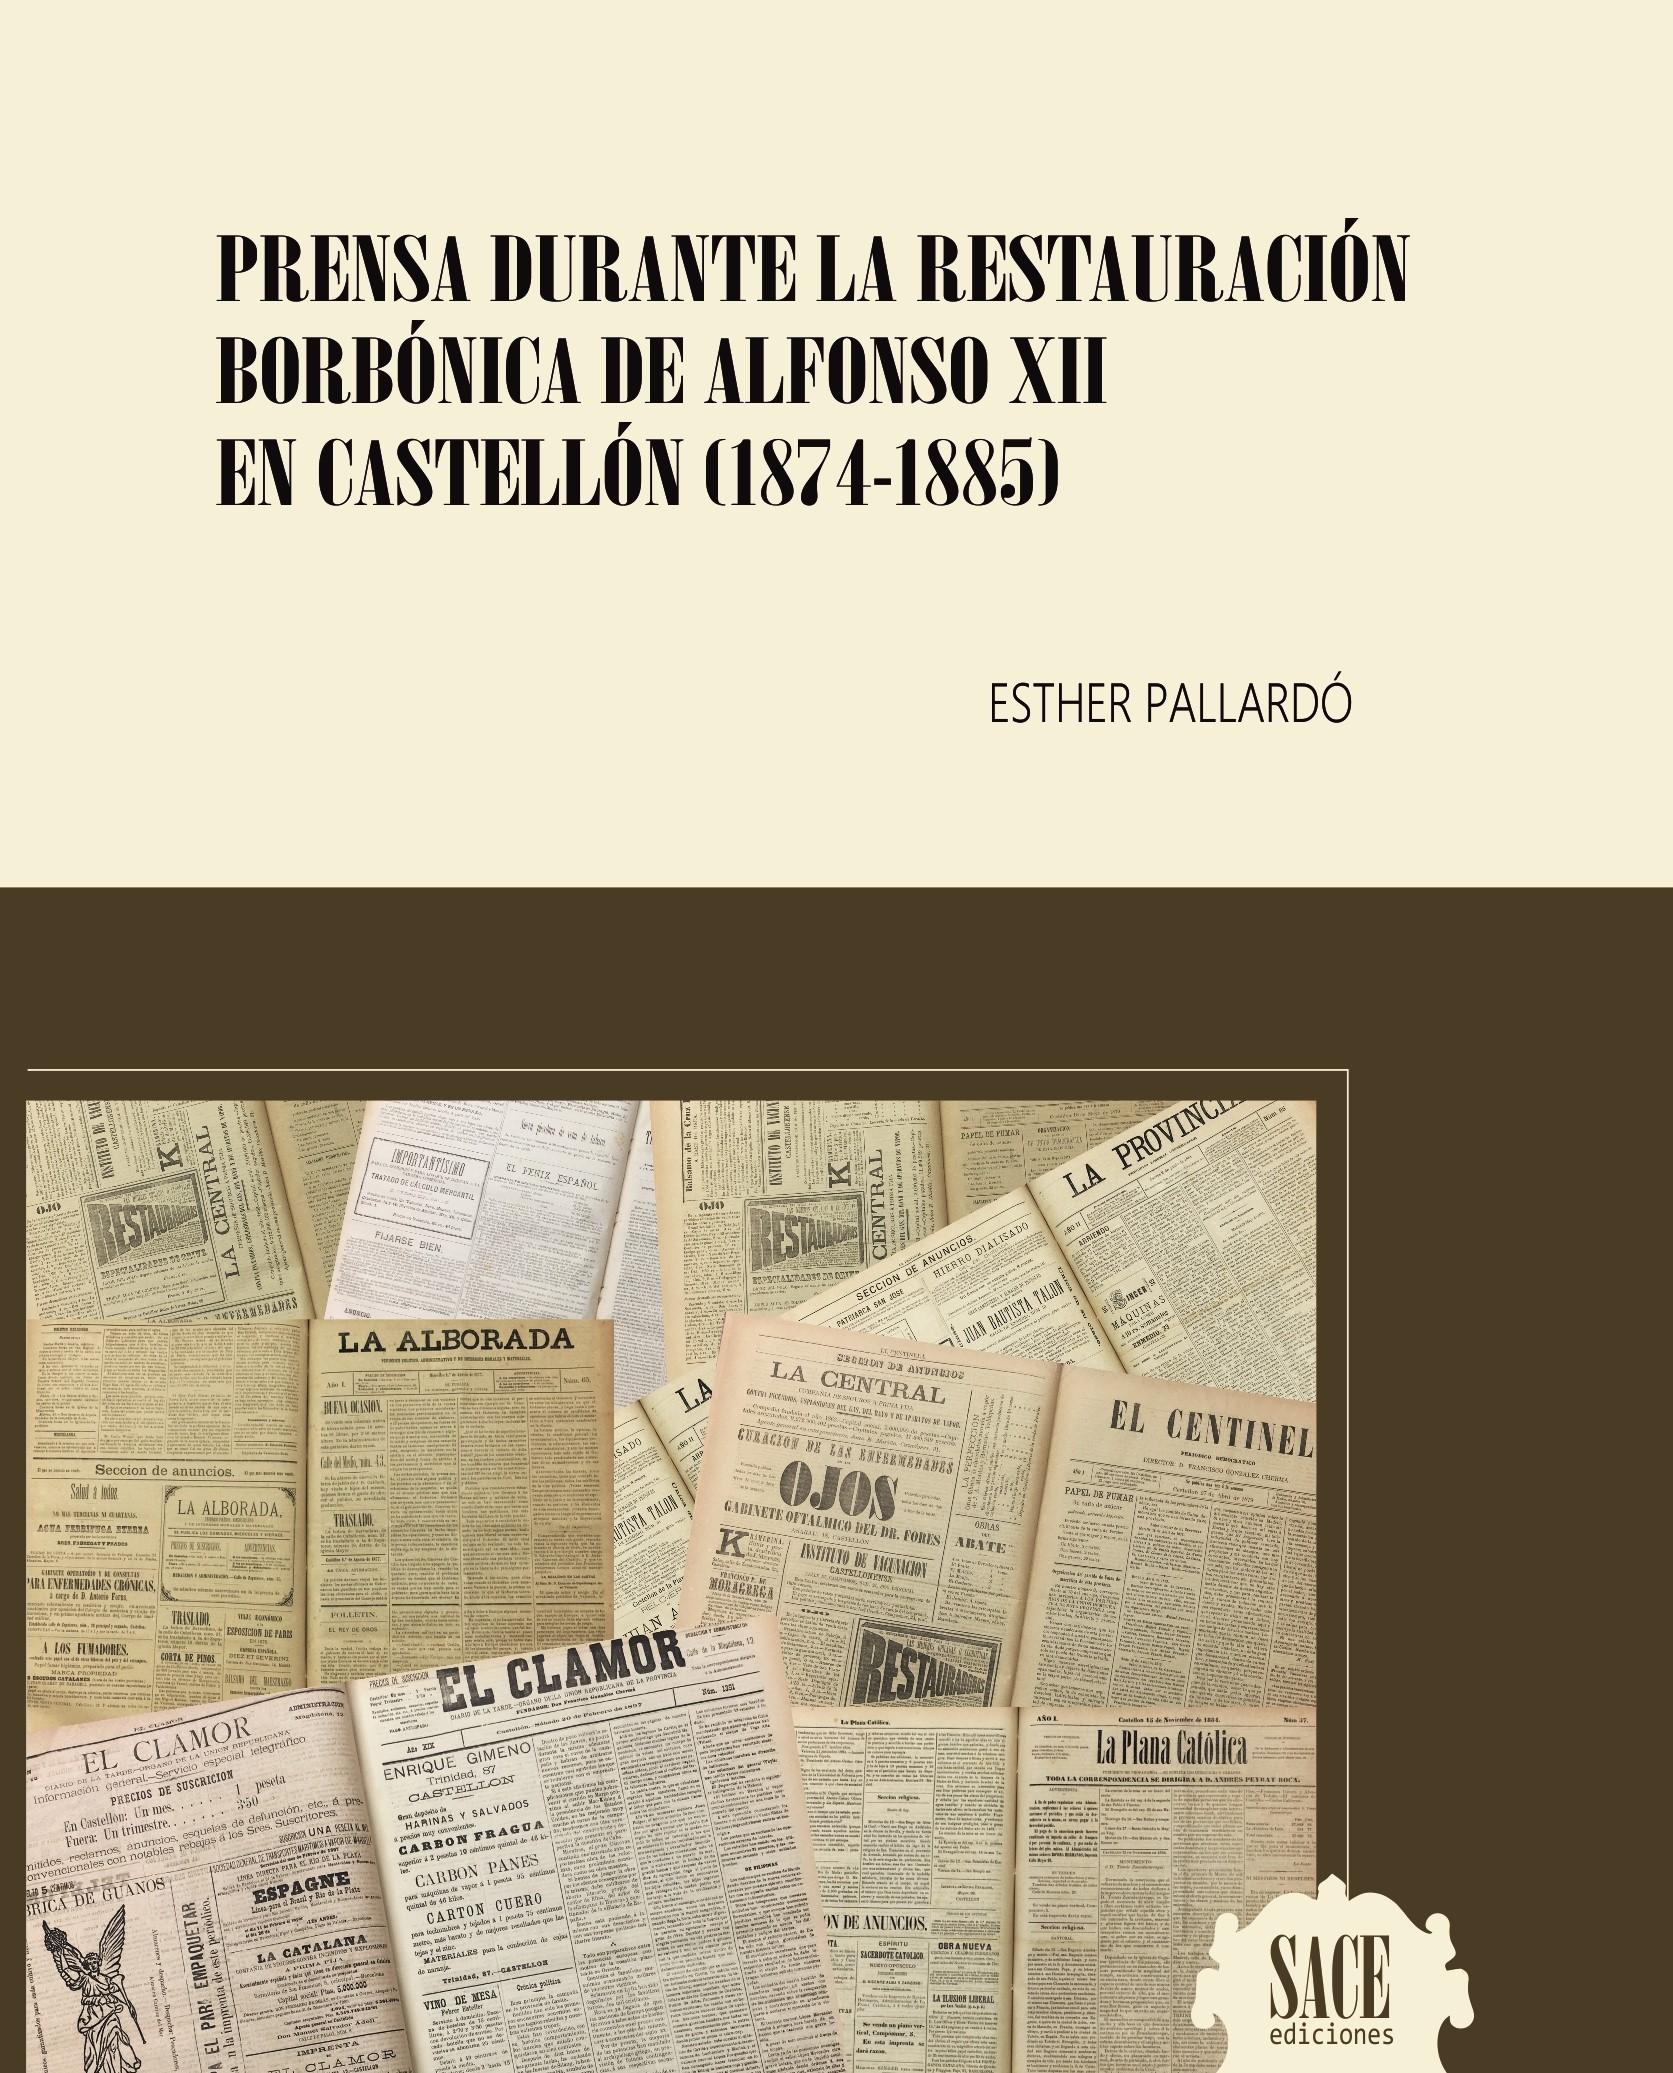 Prensa durante La Restauración Borbónica de Alfonso XII en Castellón (1874-1885)